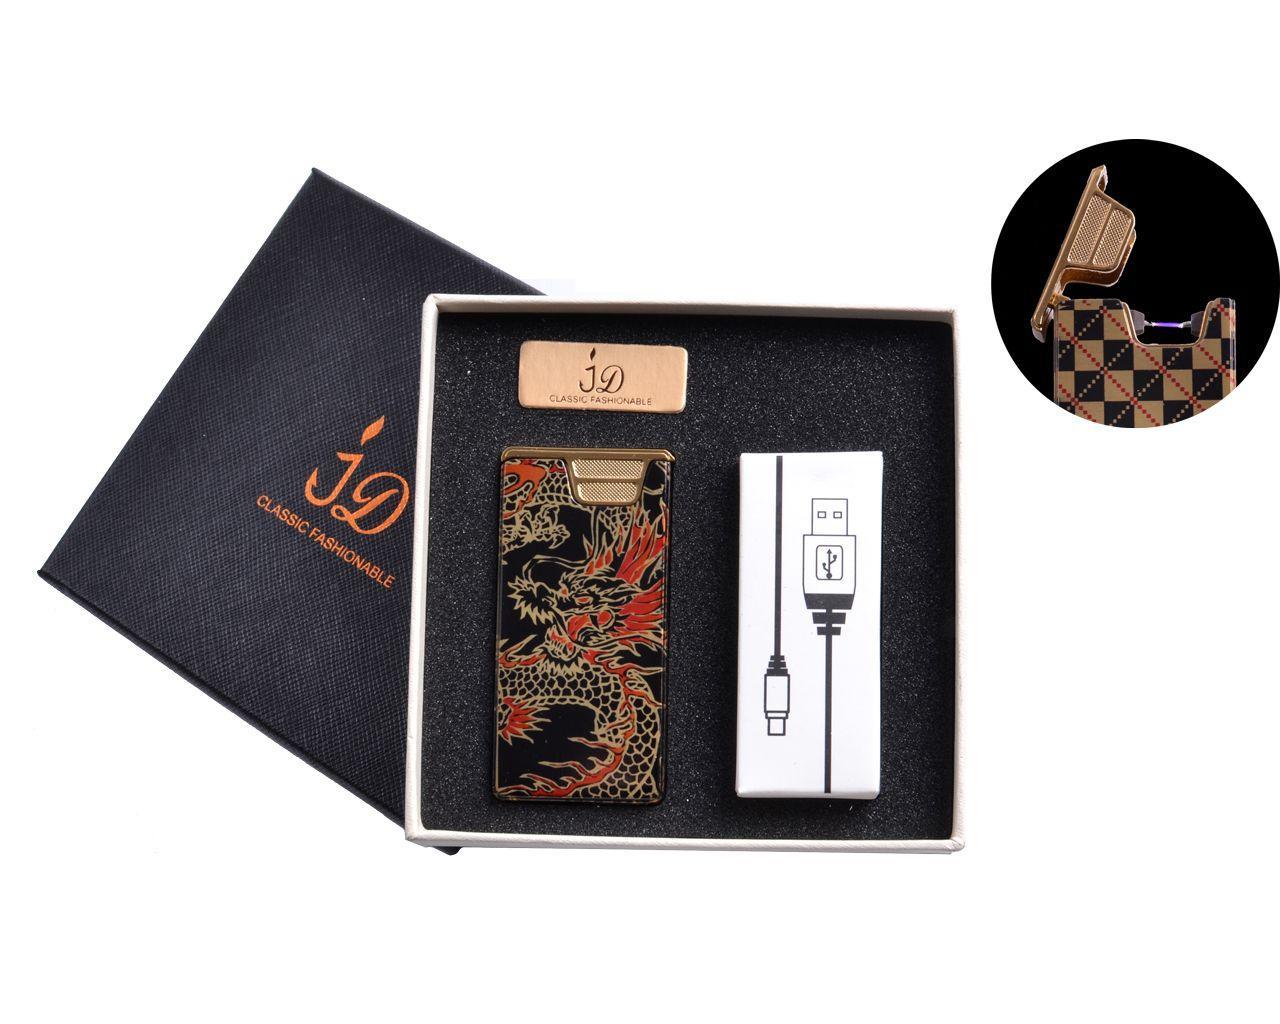 USB зажигалка в подарочной упаковке (Электроимпульсная) №4767-4